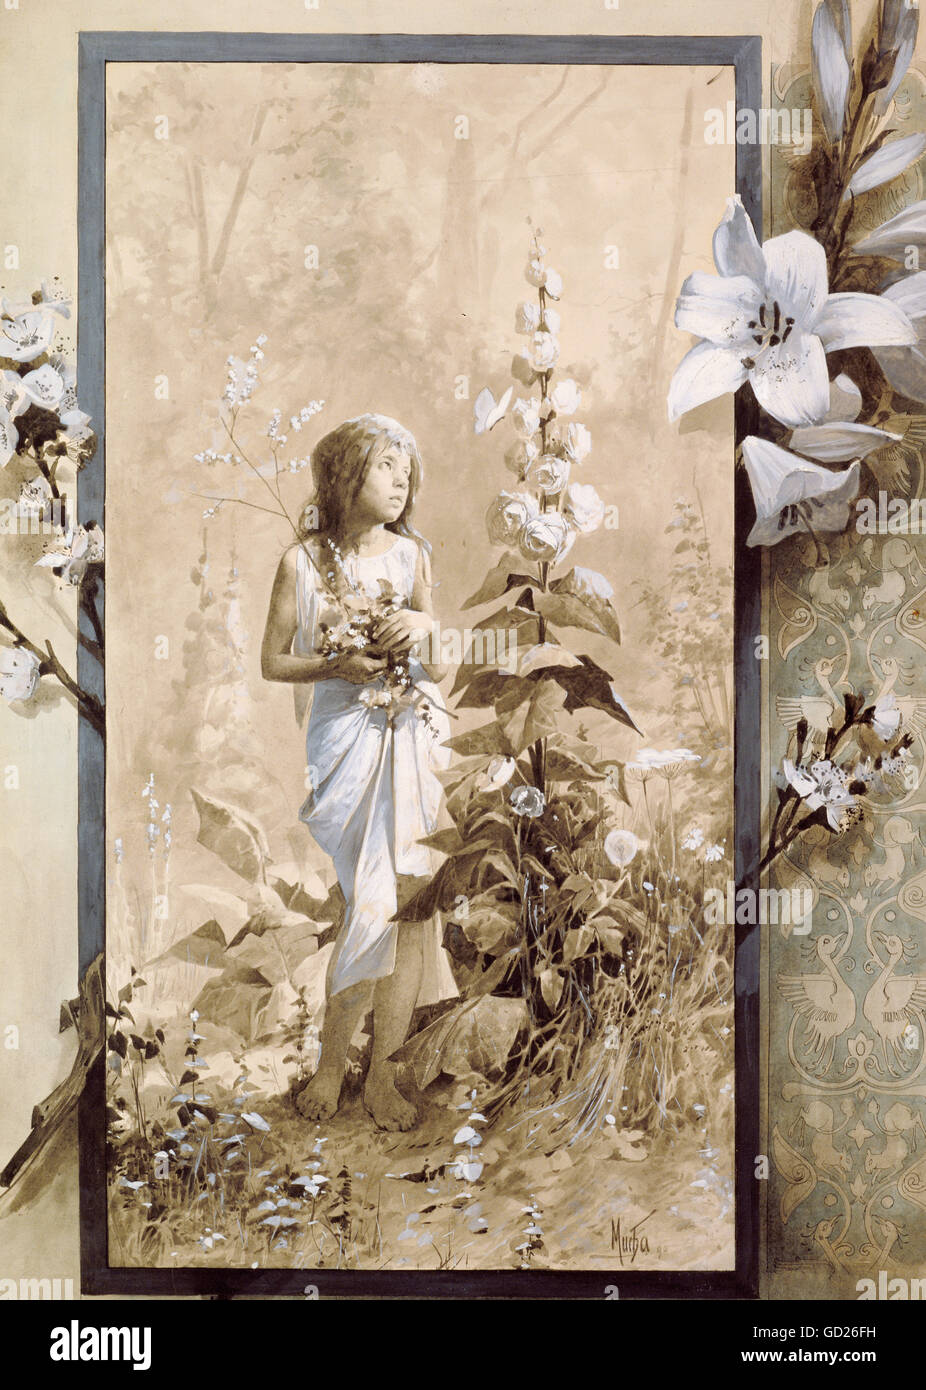 Belle arti, Mucha, Alphonse (1860 - 1939), la pittura, la giovane ragazza , artista del diritto d'autore non Immagini Stock